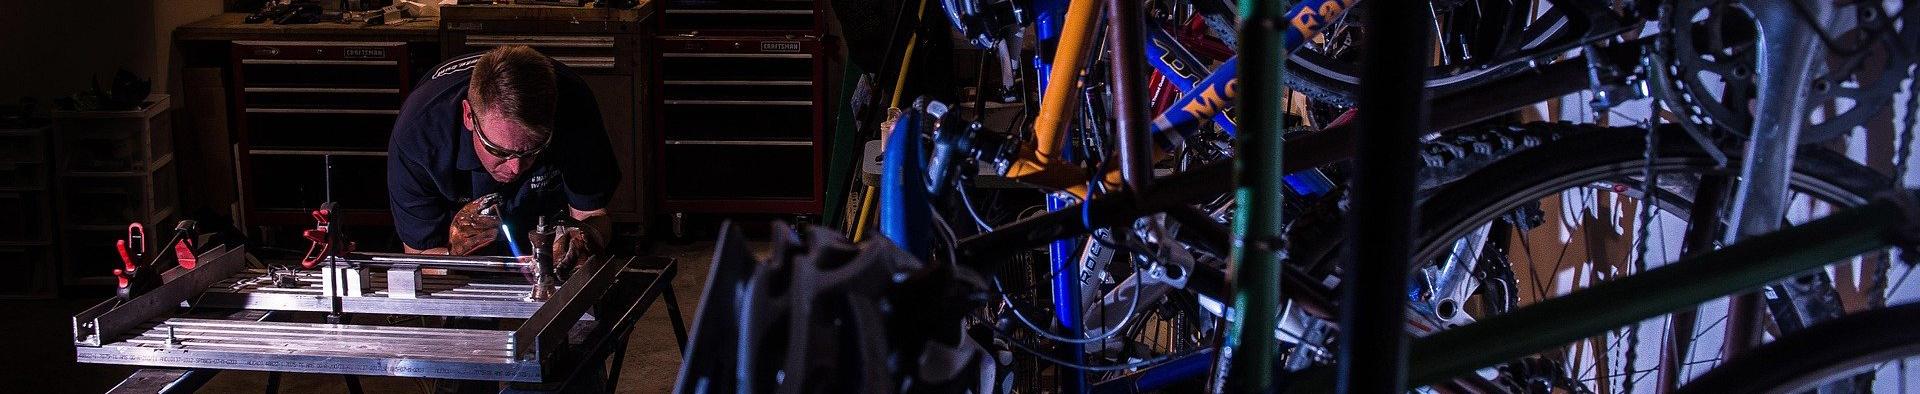 El sistema de reservas online perfecto para gestionar tu taller de bicicletas.